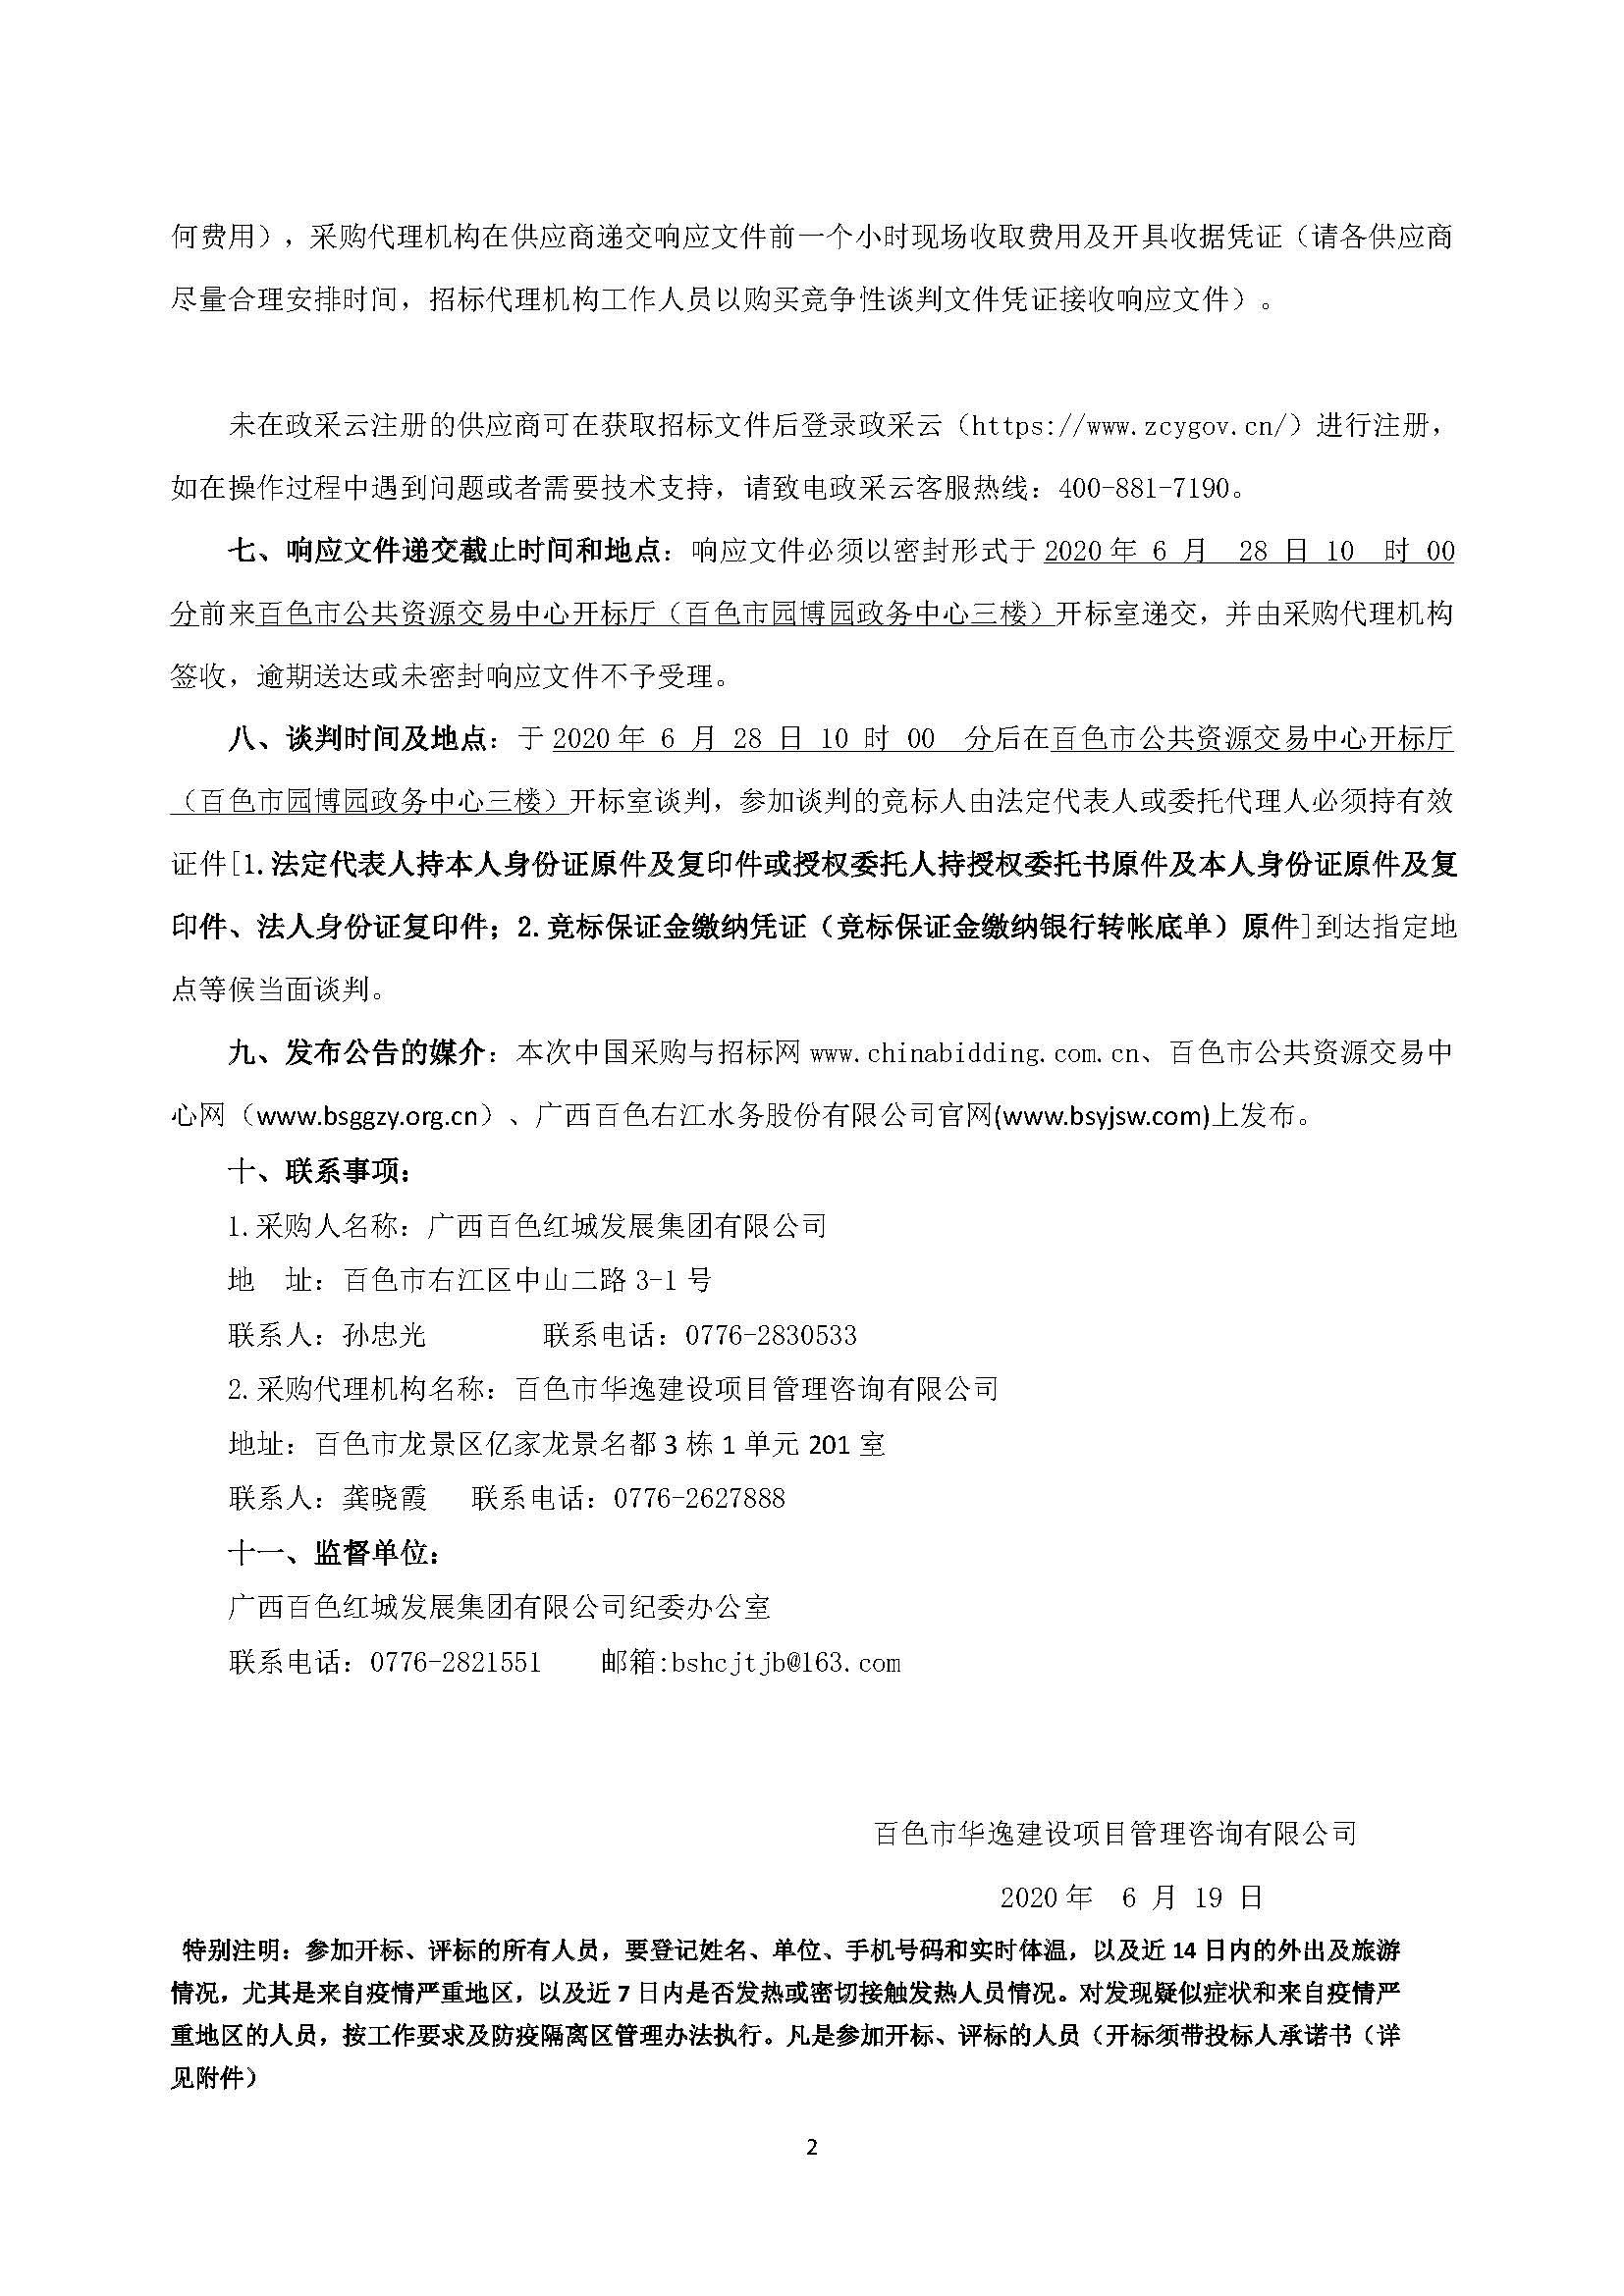 (确定)安徽快三基本走势图市政环卫园林绿化企业一体化面积测绘服务采购 竞争性谈判采购文件20200610(2)_页面_06.jpg